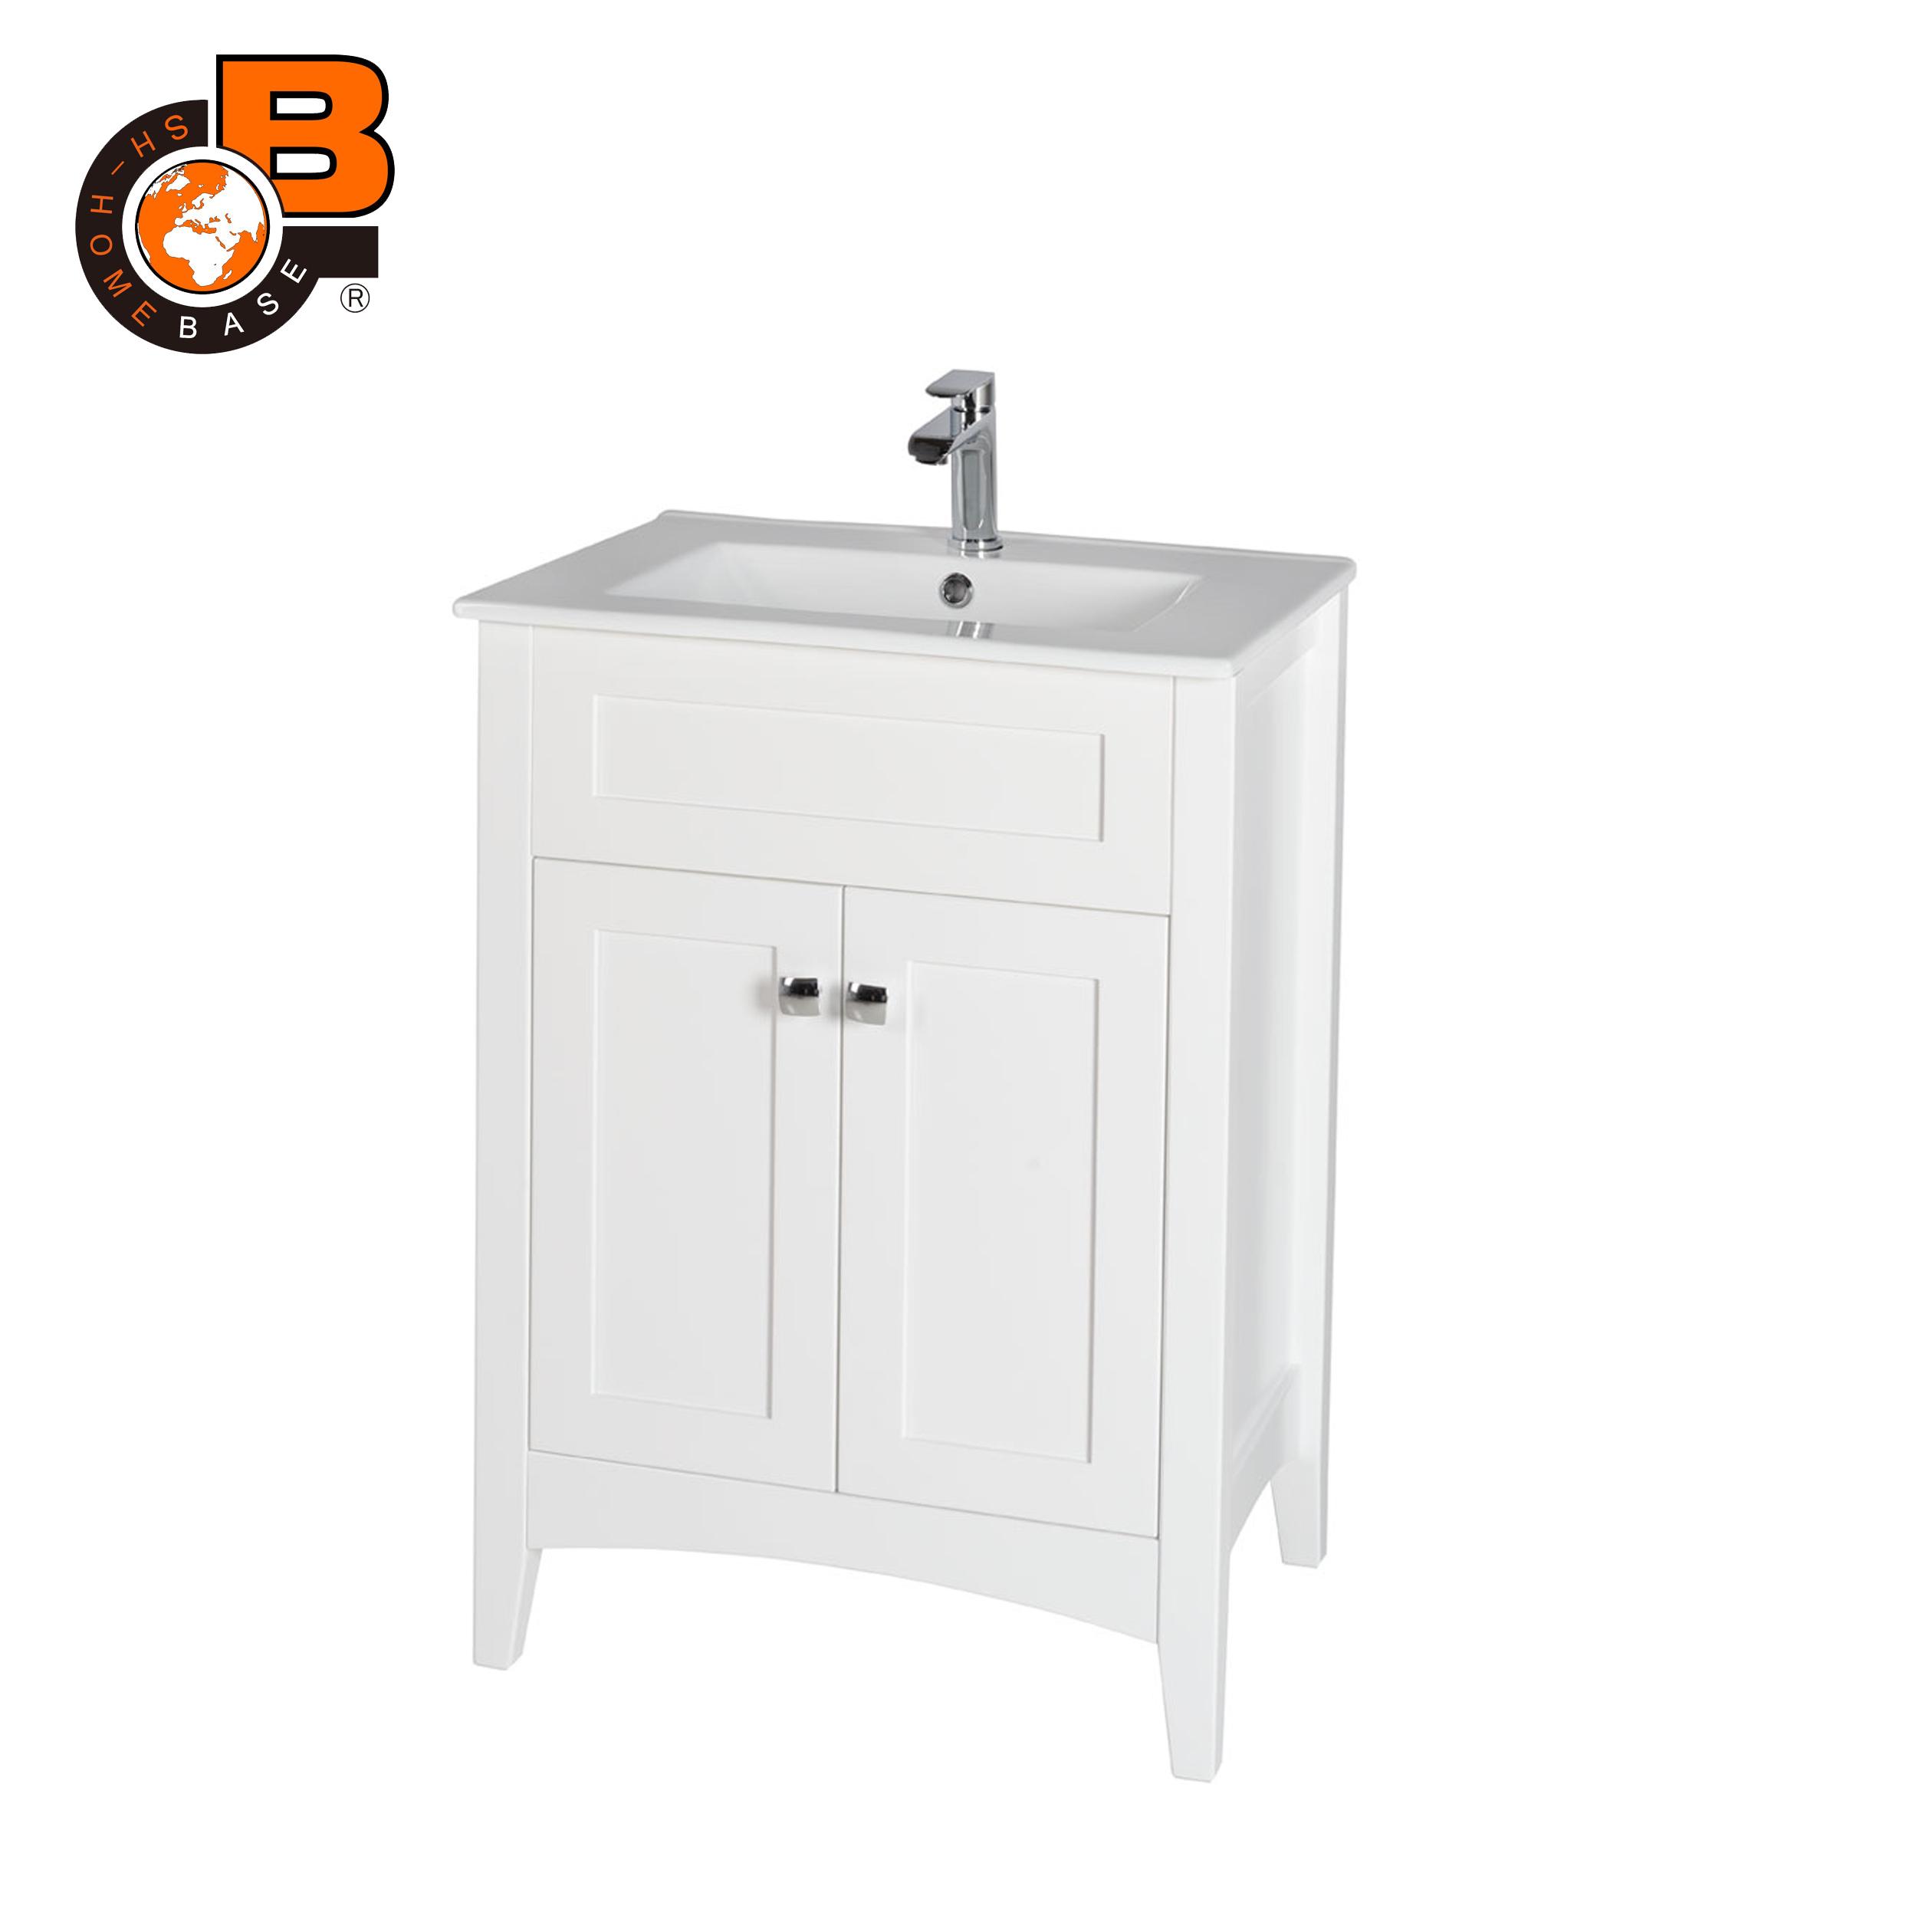 Wholesale dtc bathroom cabinet - Online Buy Best dtc bathroom ...